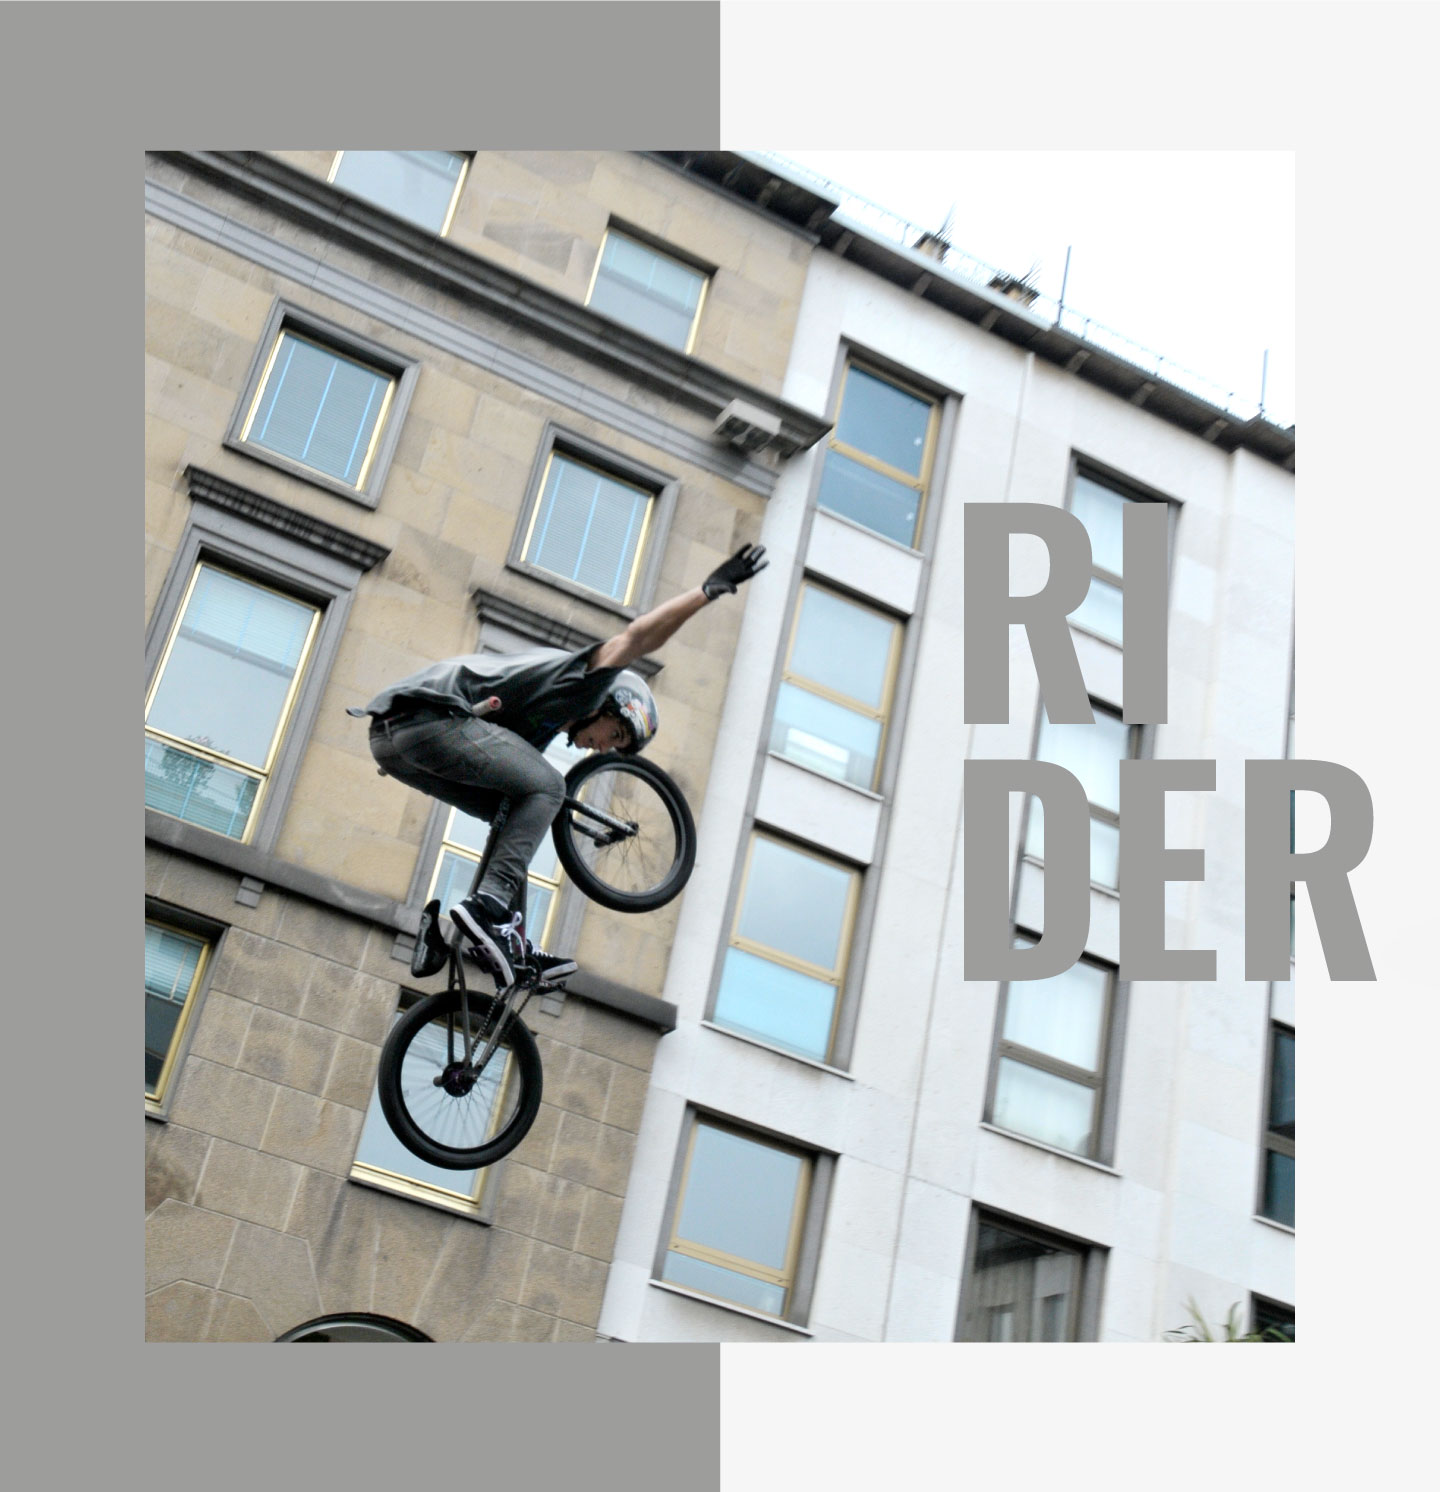 Rider_Sx_v3